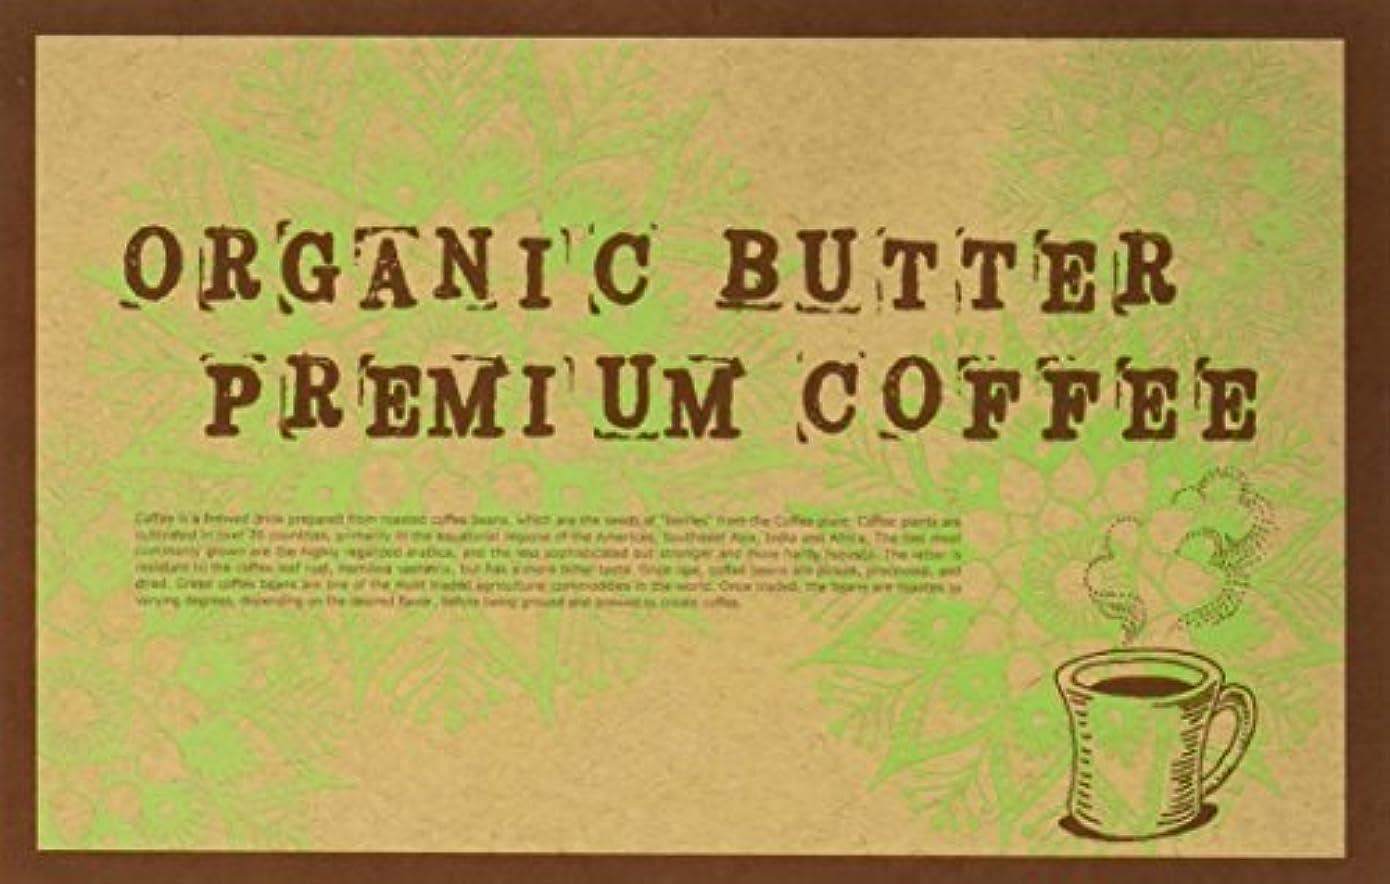 にやにや応援するオペラオーガニックバタープレミアムコーヒー